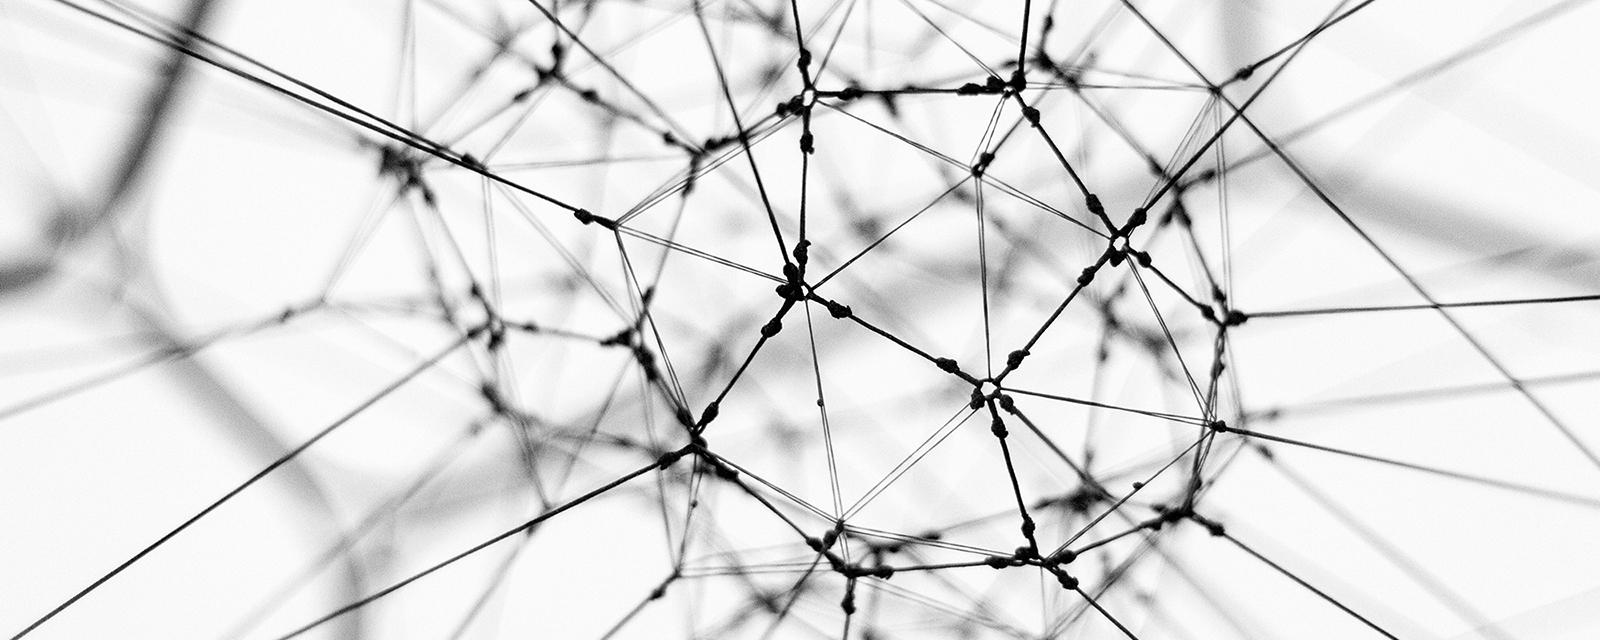 Jaké mají výhody decentralizované burzy?